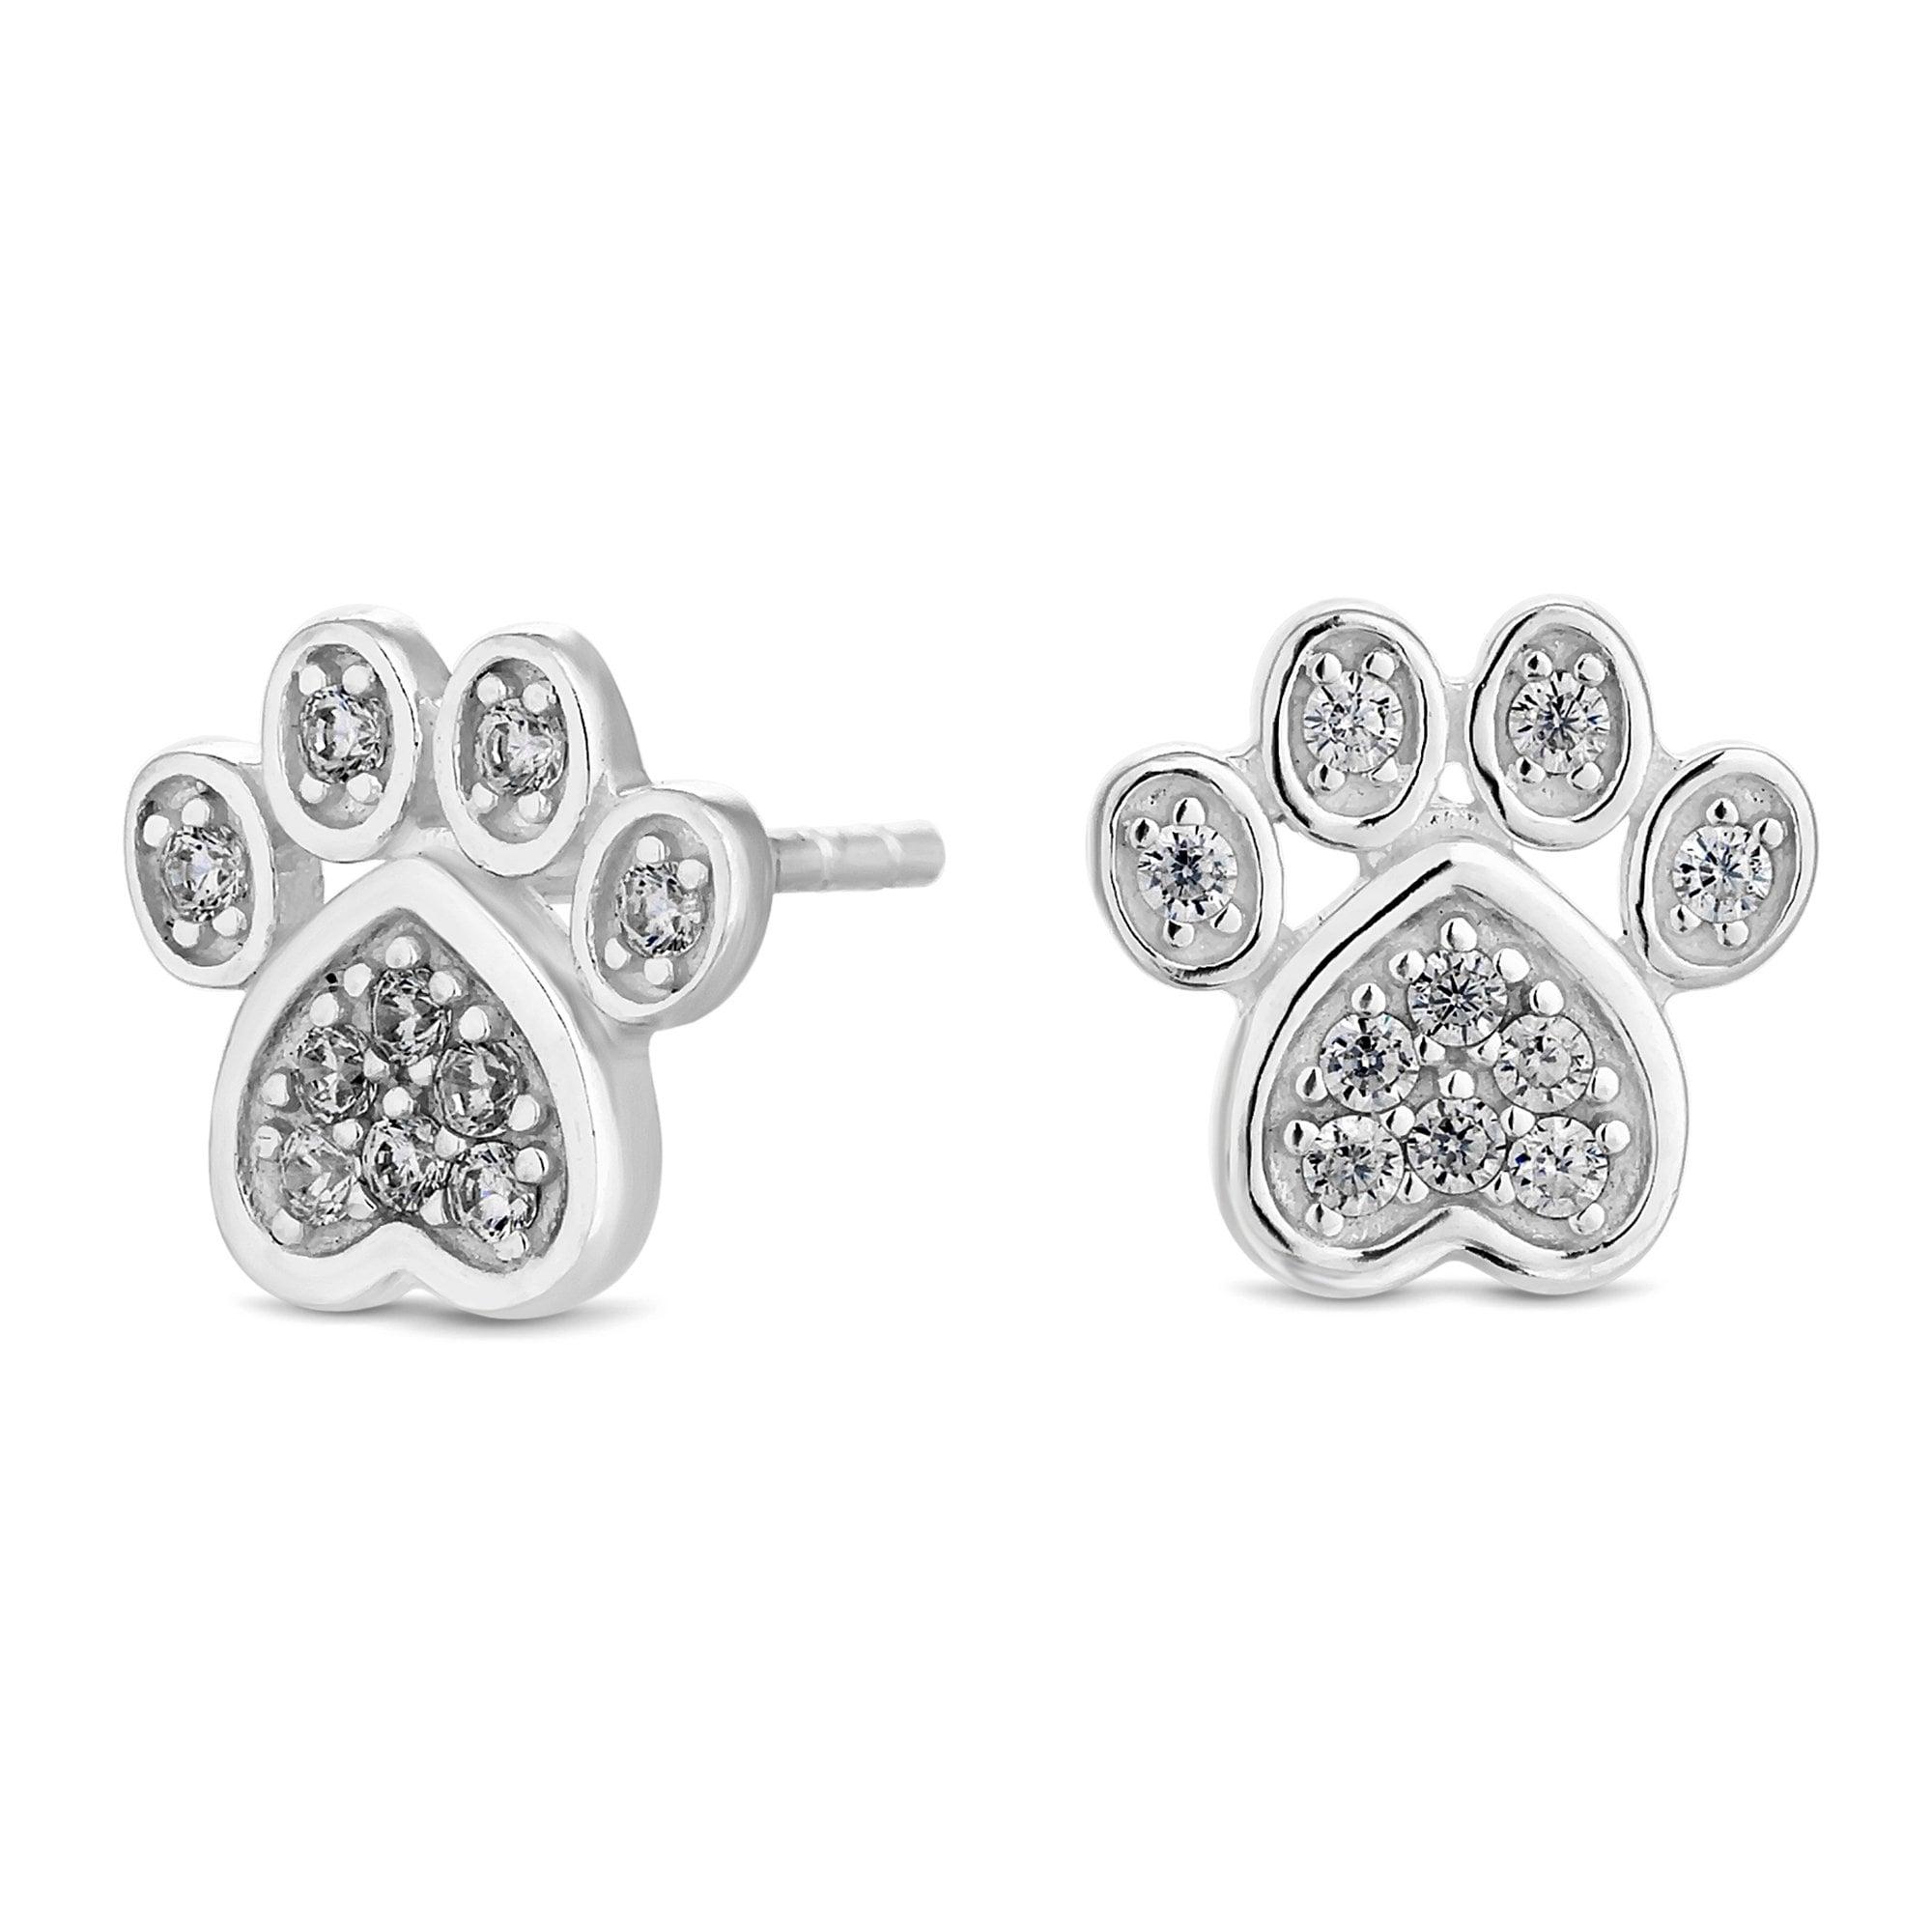 925 Sterling Silver Paw Print Stud Earrings